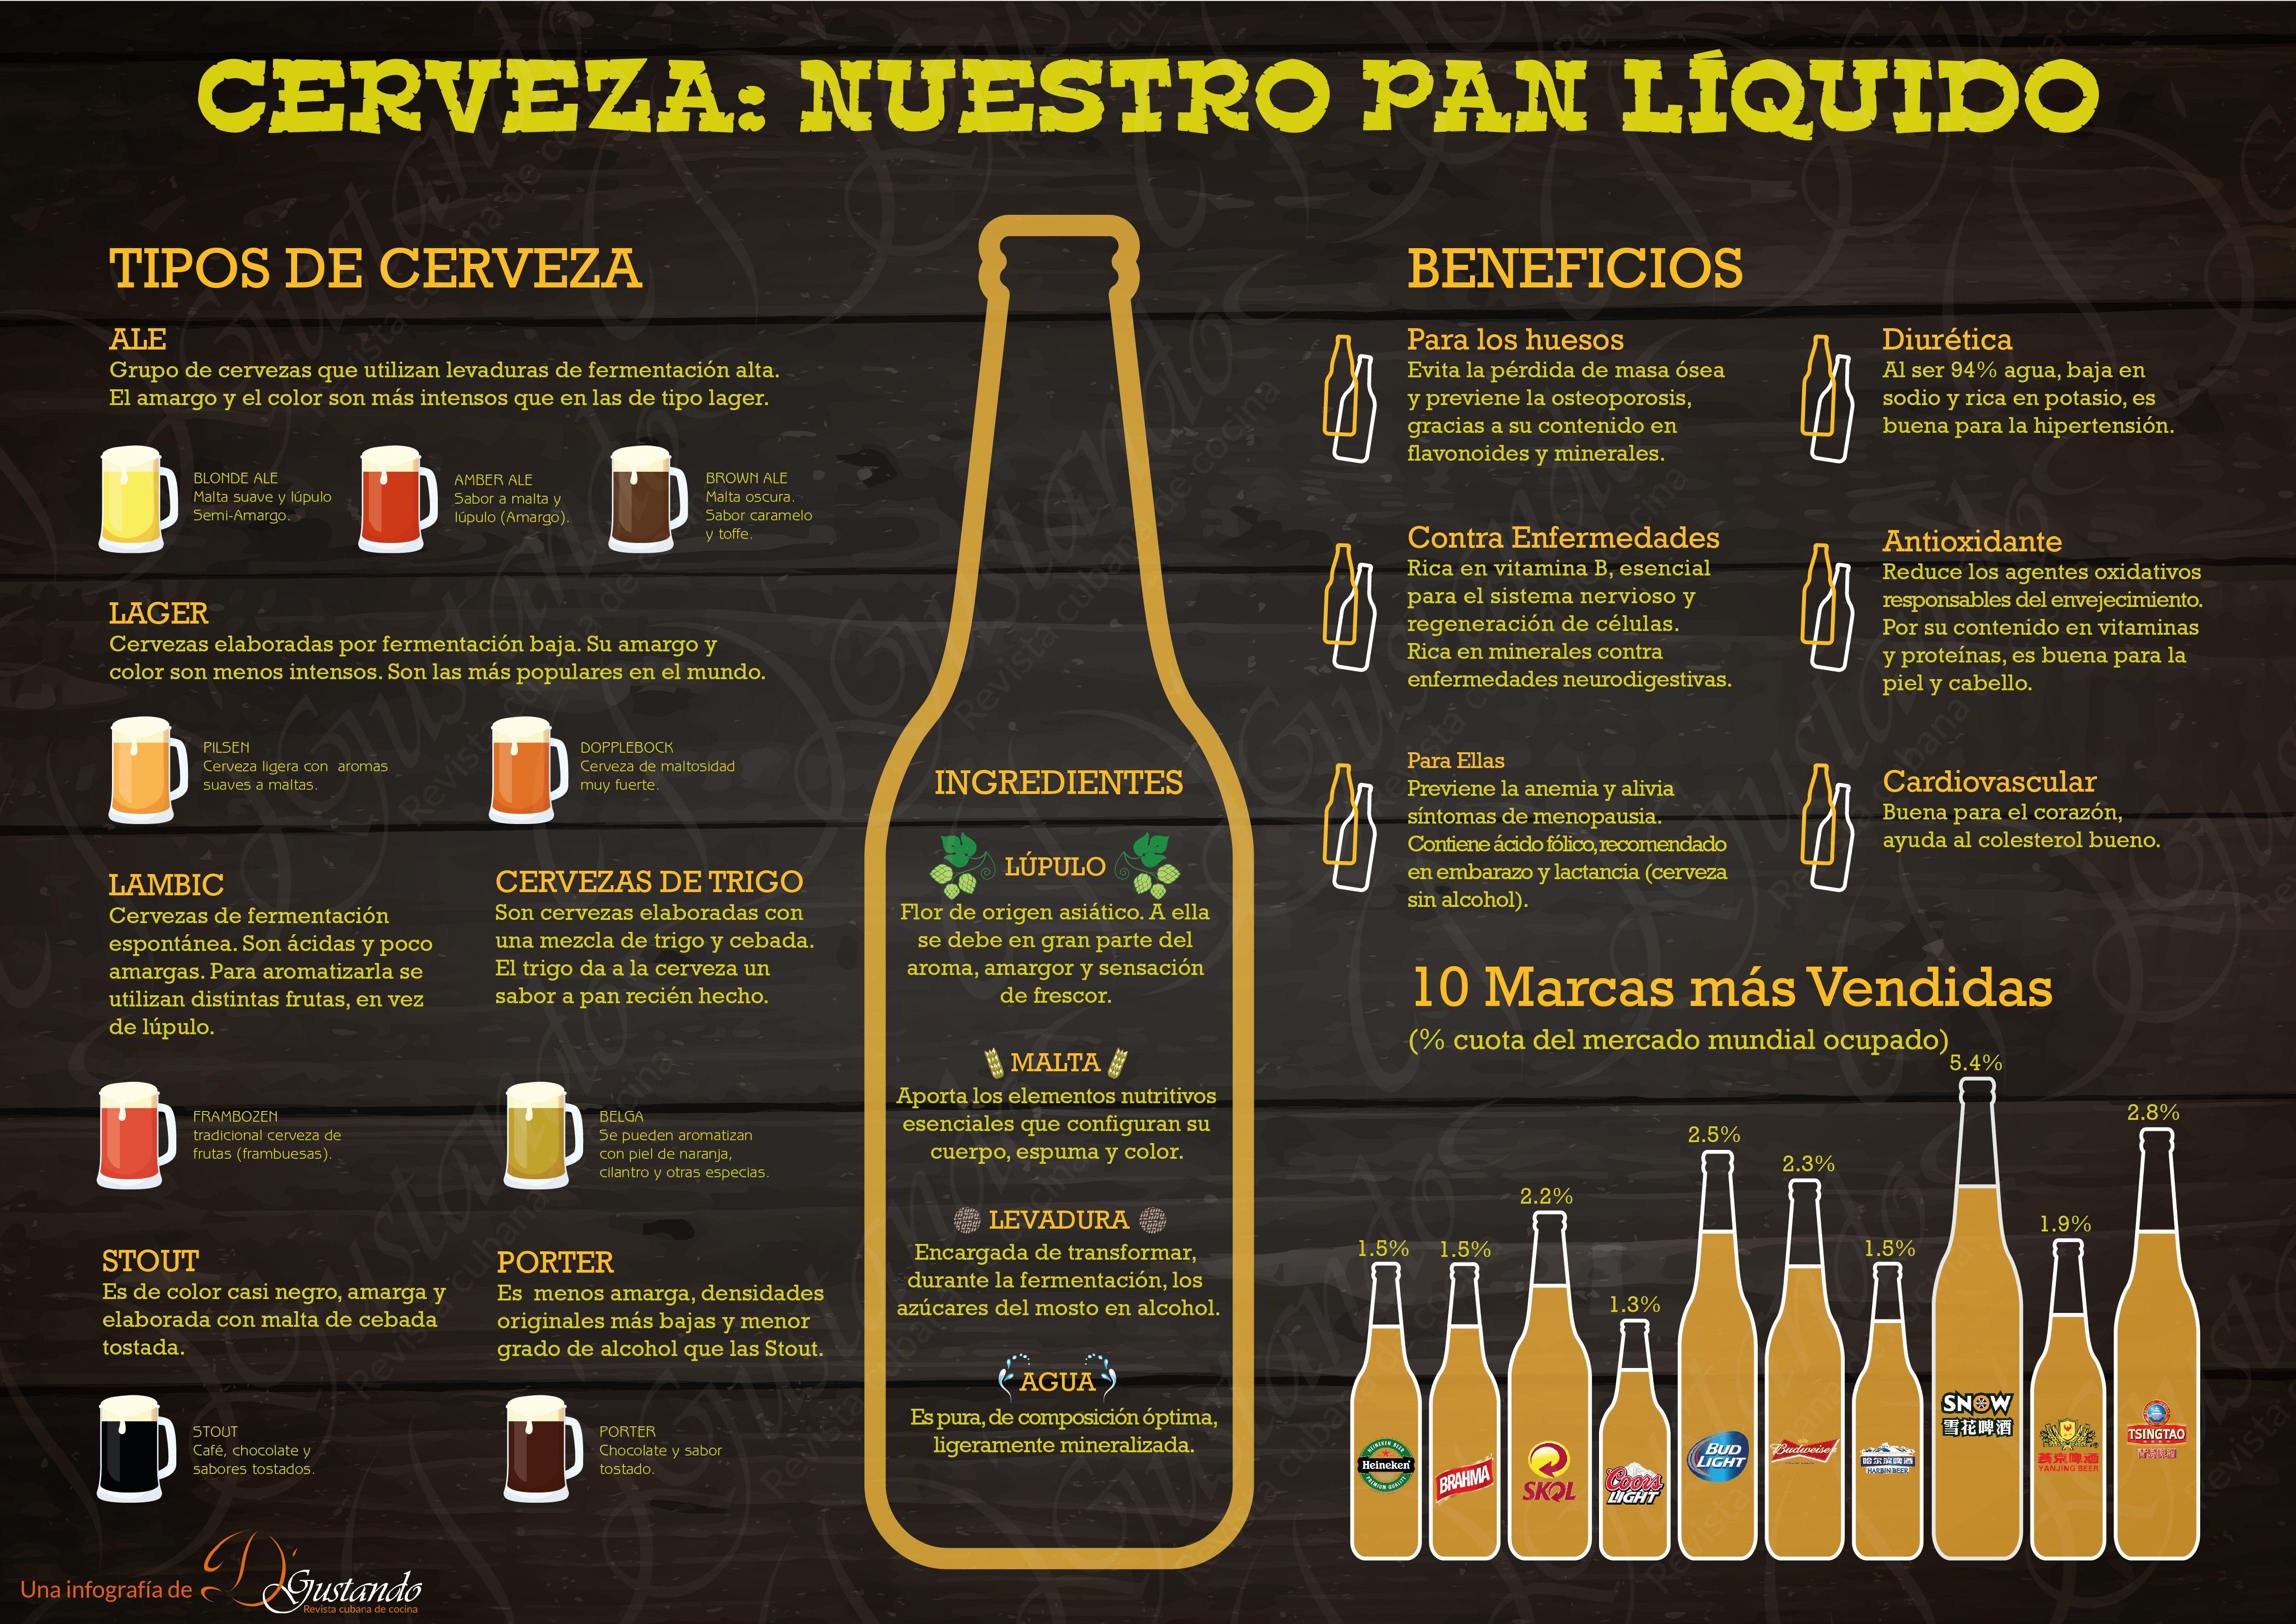 Infografía Sobre La Cerveza Beneficios Tipos De Cervezas Marcas Más Vendidas Tipos De Cervezas Cerveza Beneficios Cerveza